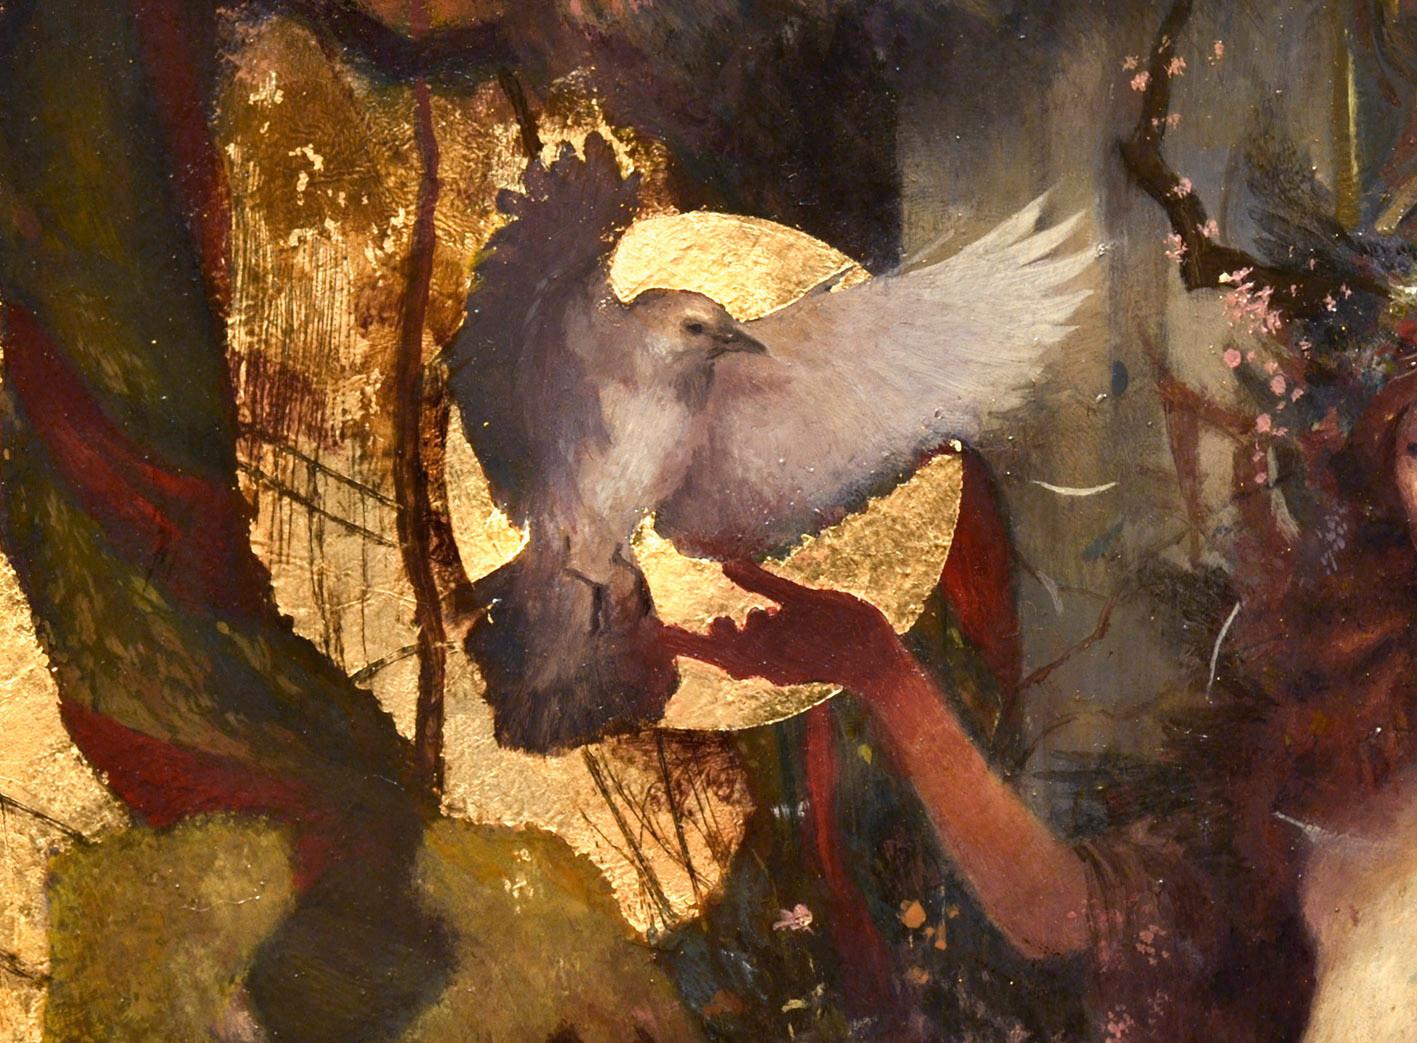 """""""La Morrigan""""- detail - (click to enlarge)"""